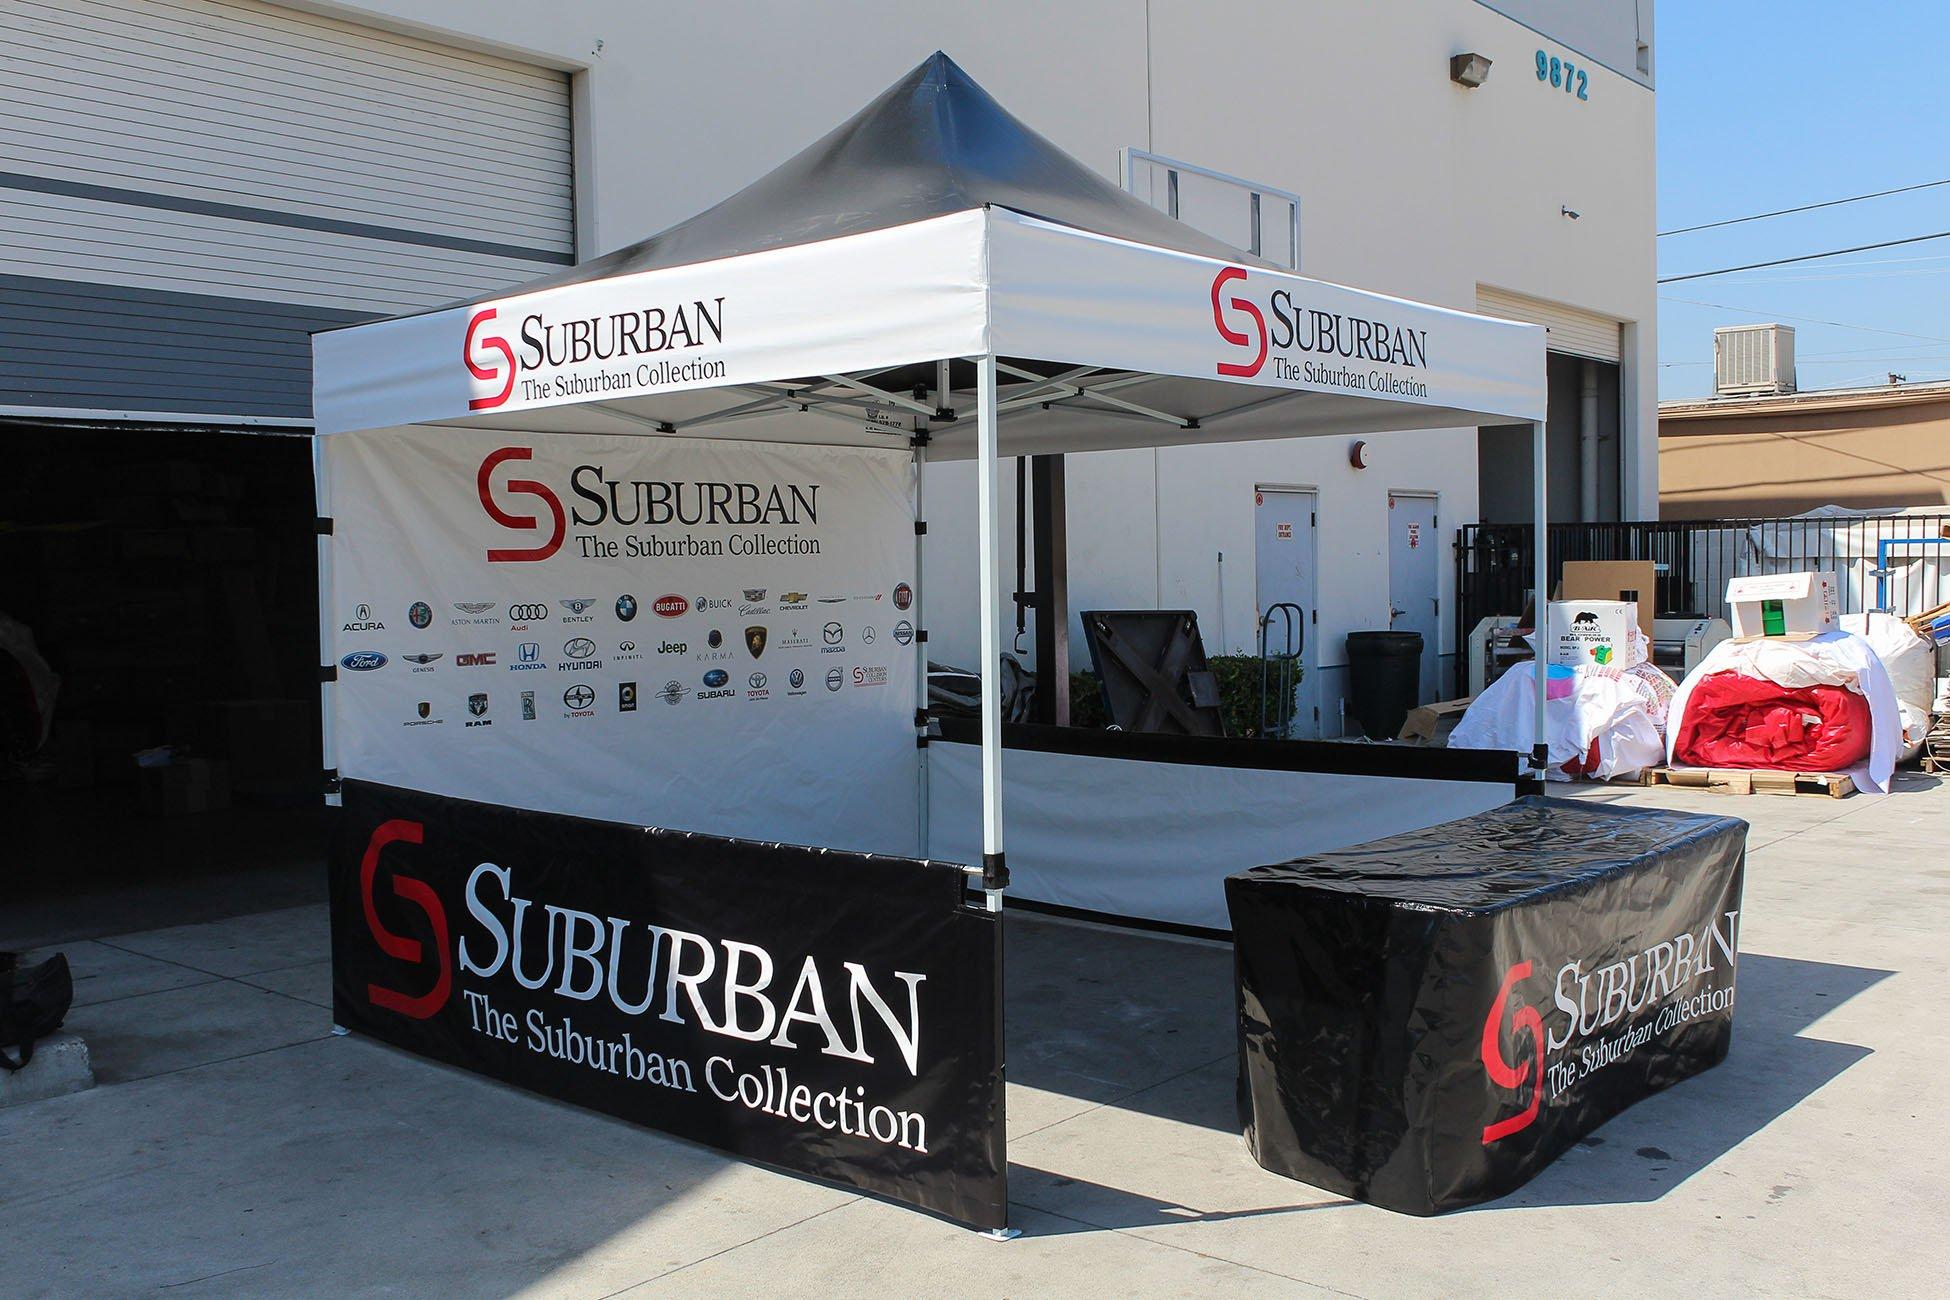 Suburban-Collection-1289